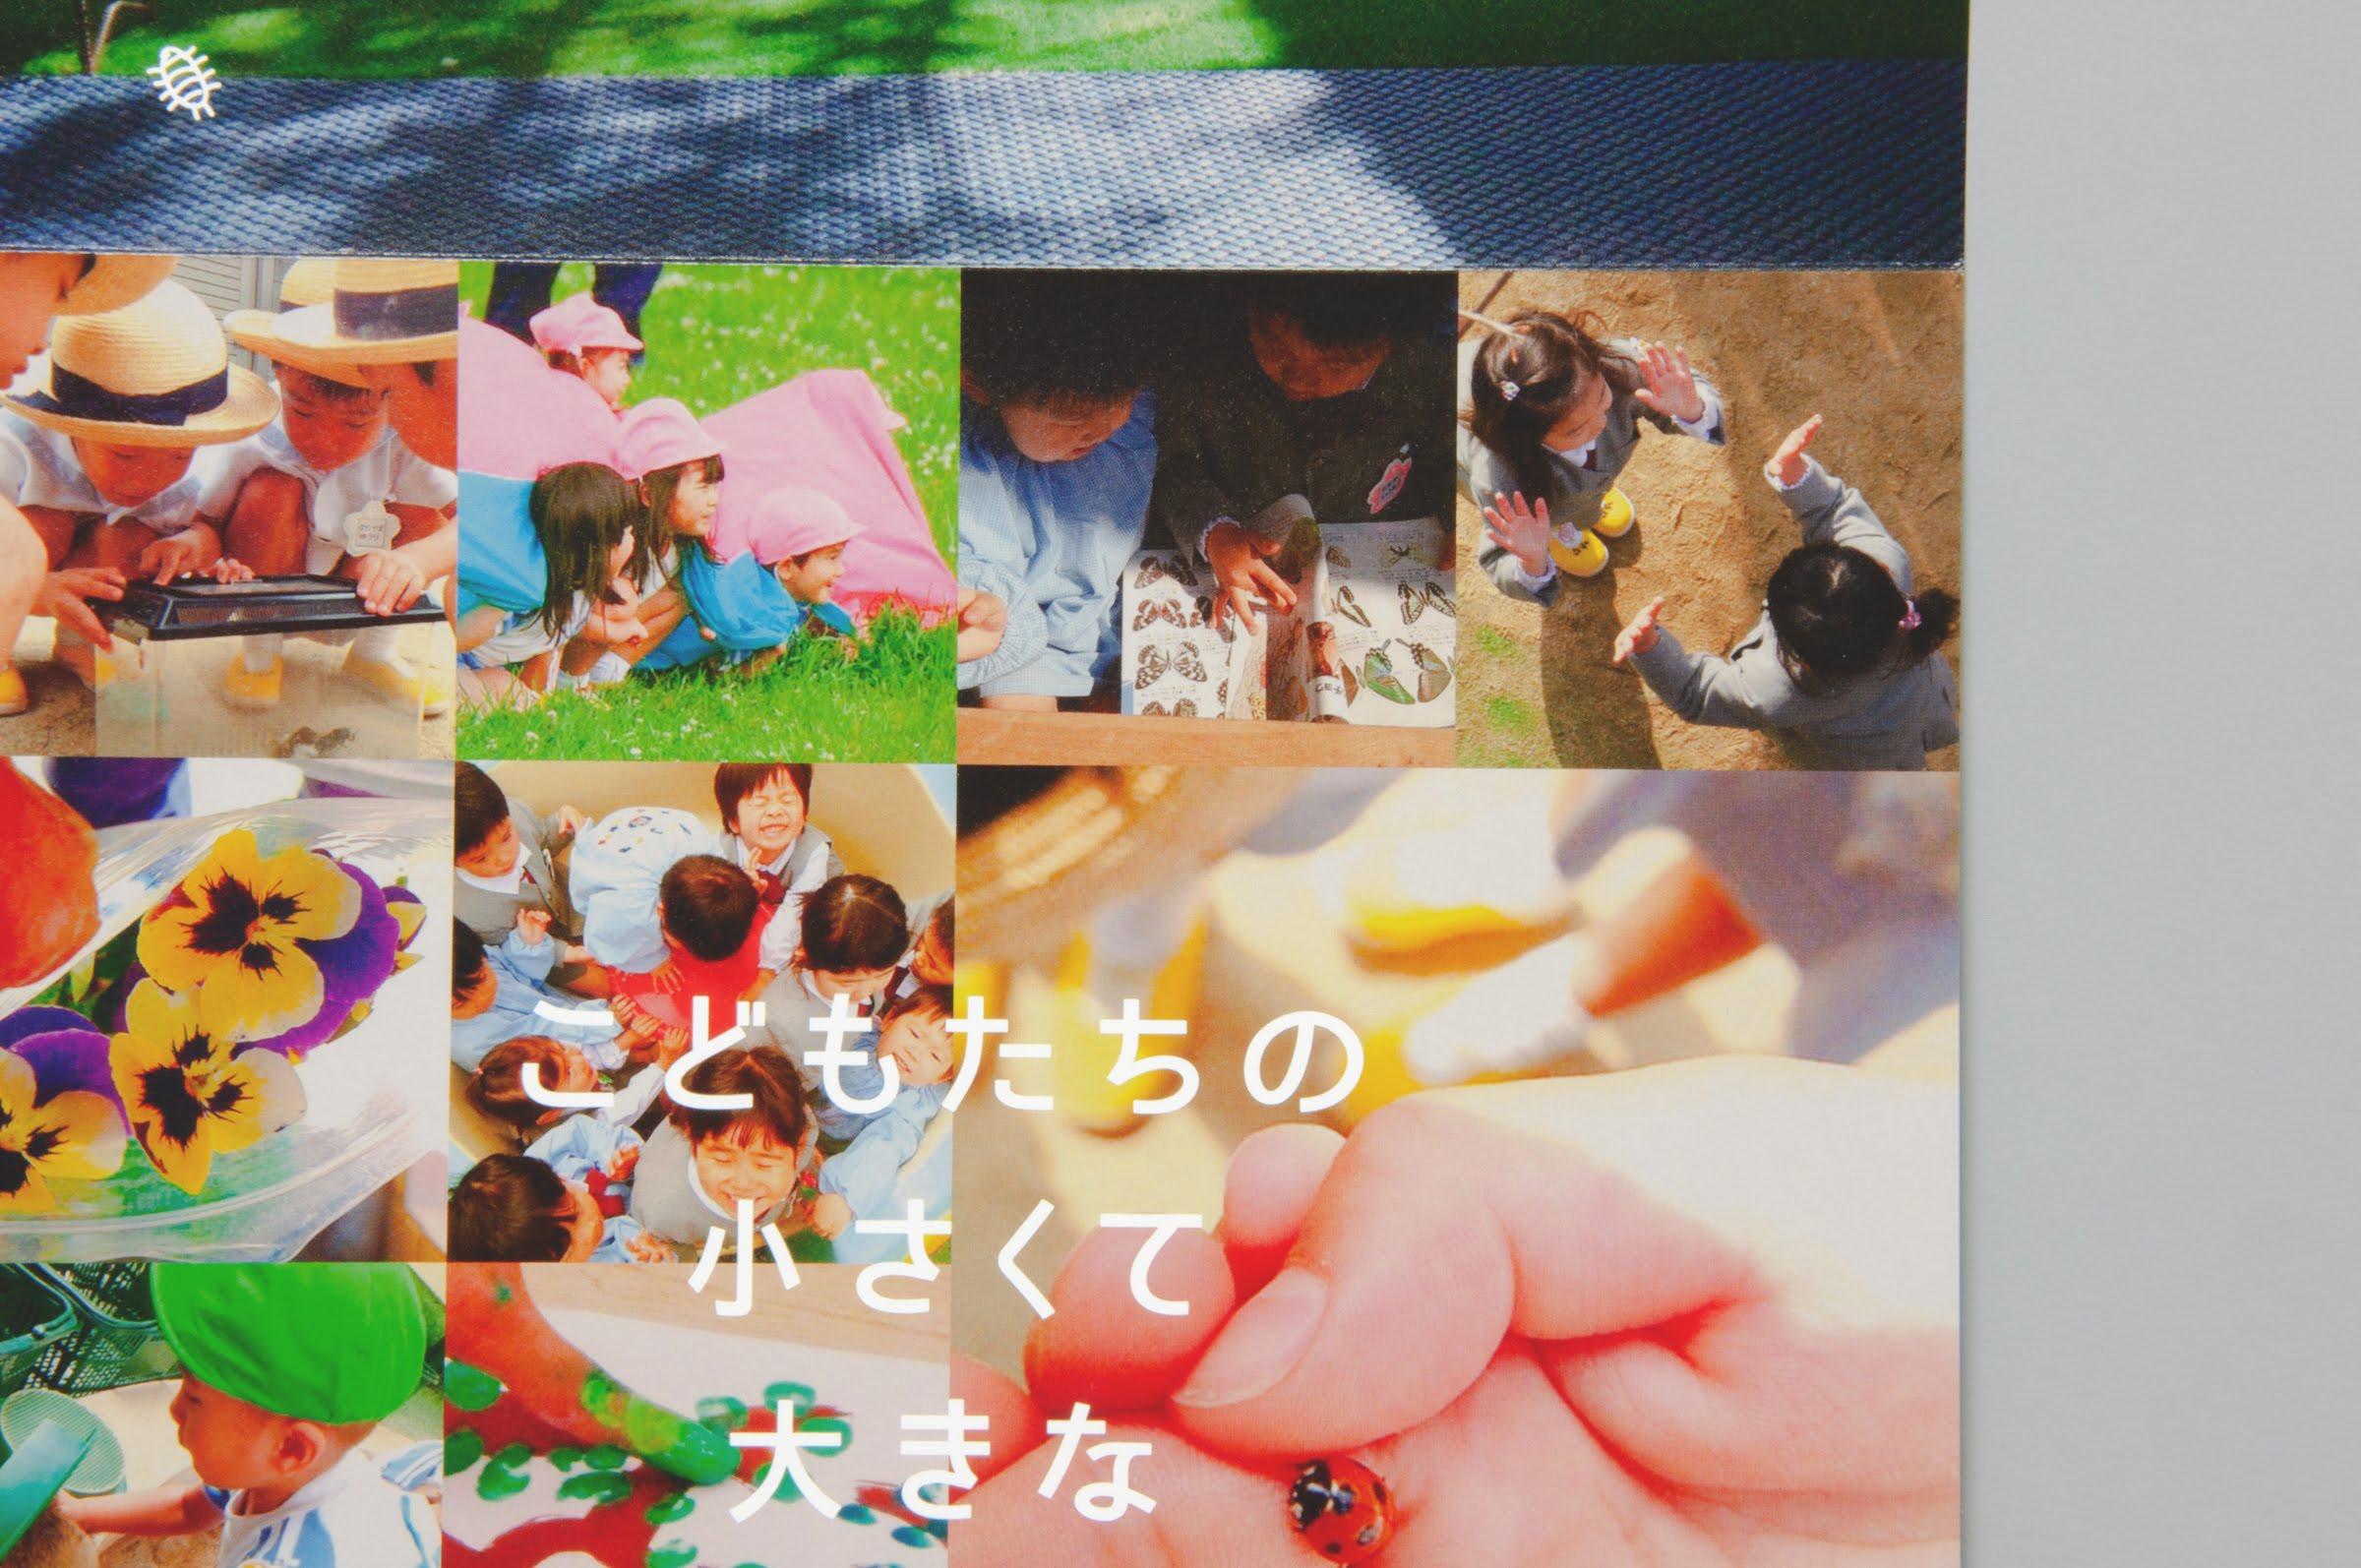 西高殿若葉幼稚園|入学案内パンフレット